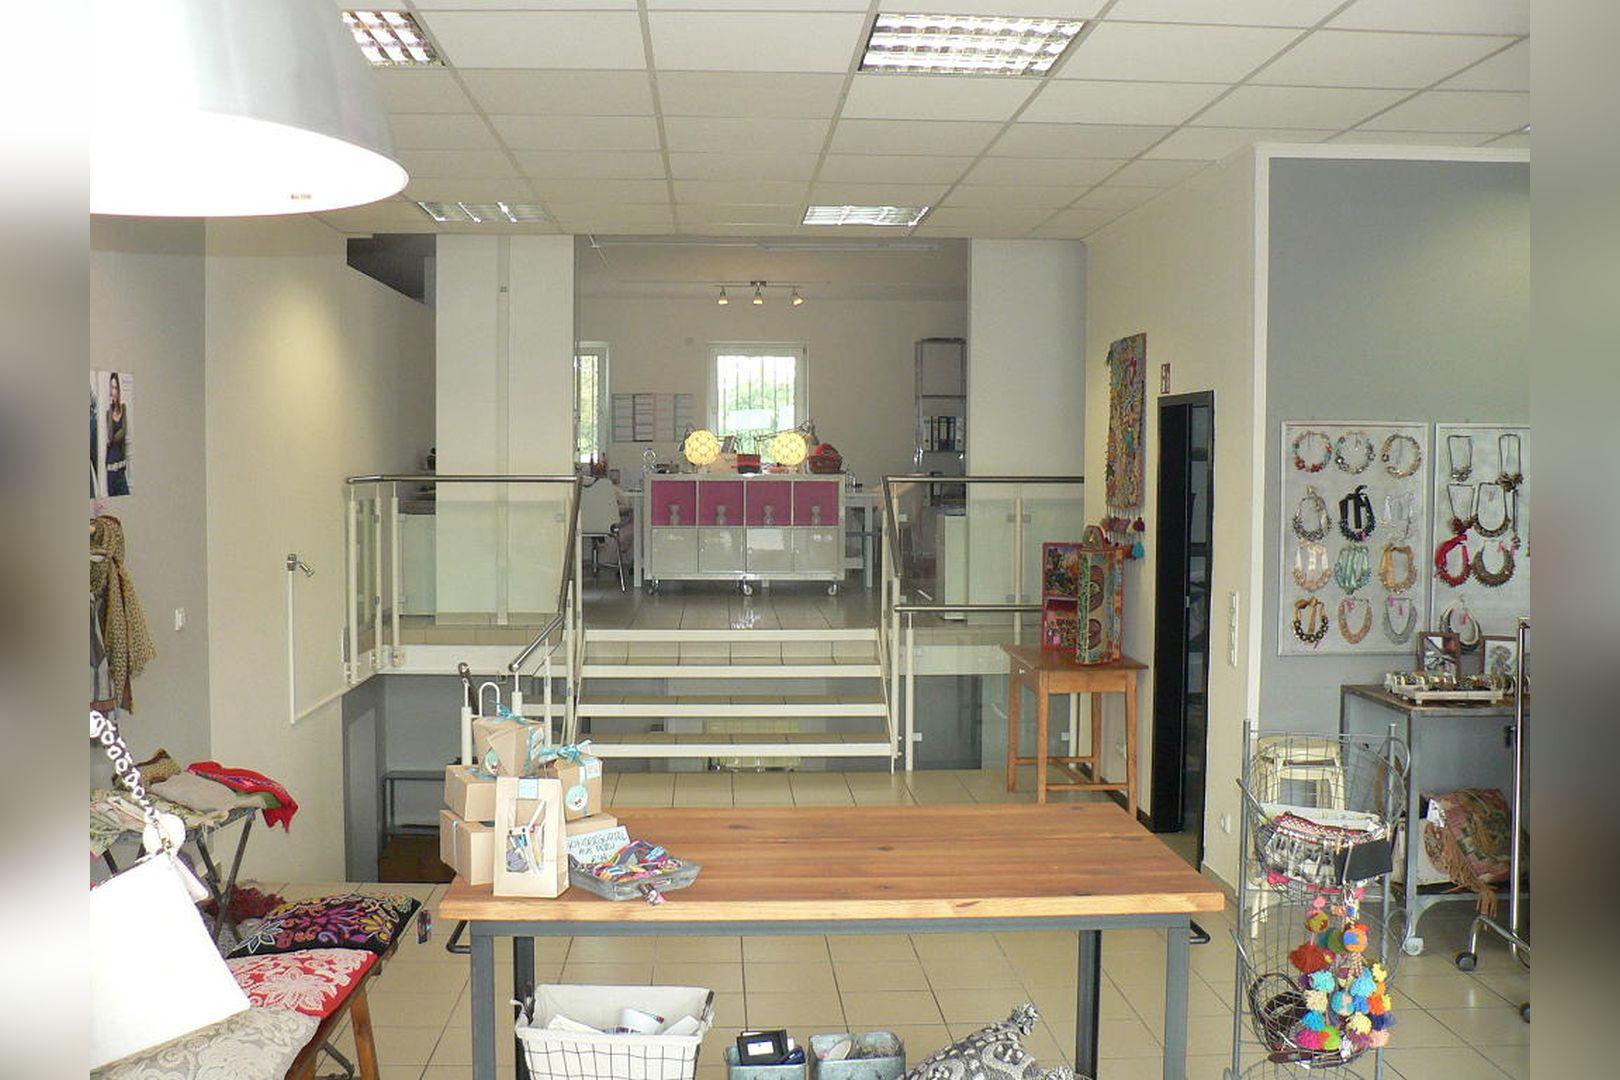 Immobilie Nr.0229 - Ladenlokal mit Lagerflächen, Teeküche, WC-Anlage u. Stellplatz - Bild 6.jpg